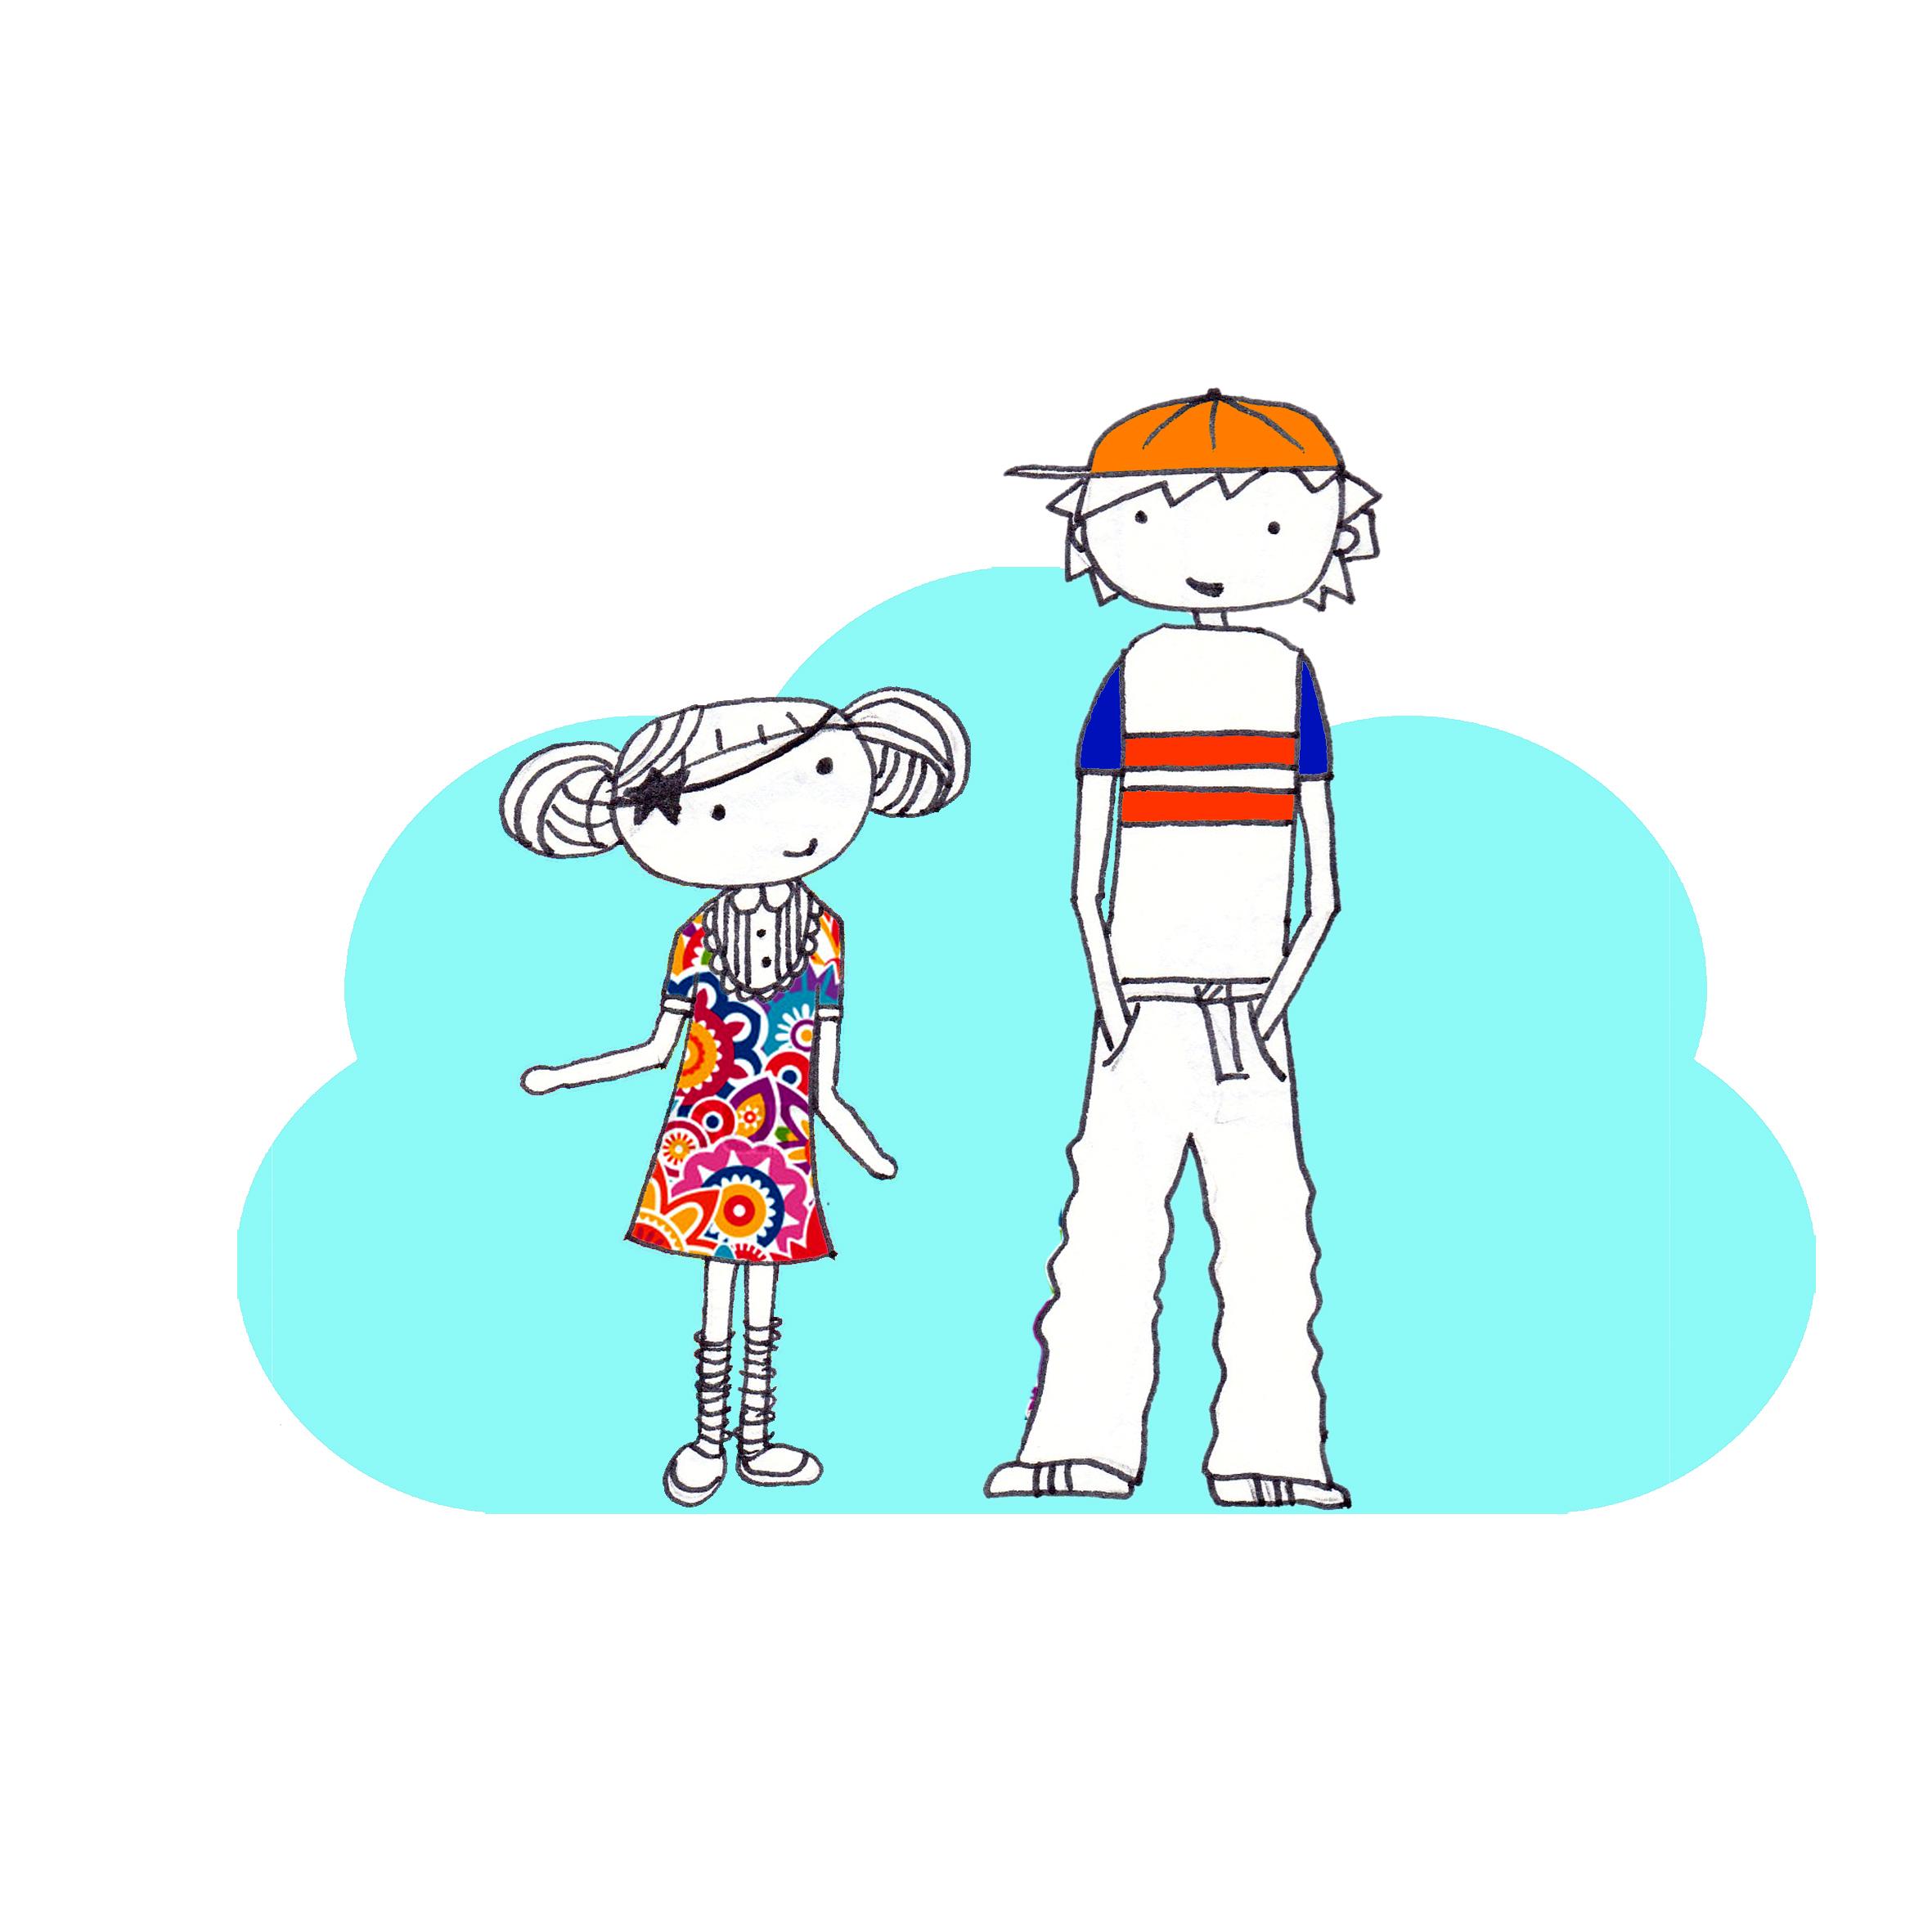 Eine eigene Geschichte für Kinder schreiben und illustrieren – ein schreibwütiger Start, viele Skizzen und erste eigene Illustrationen, eine kleine kreative Achterbahn